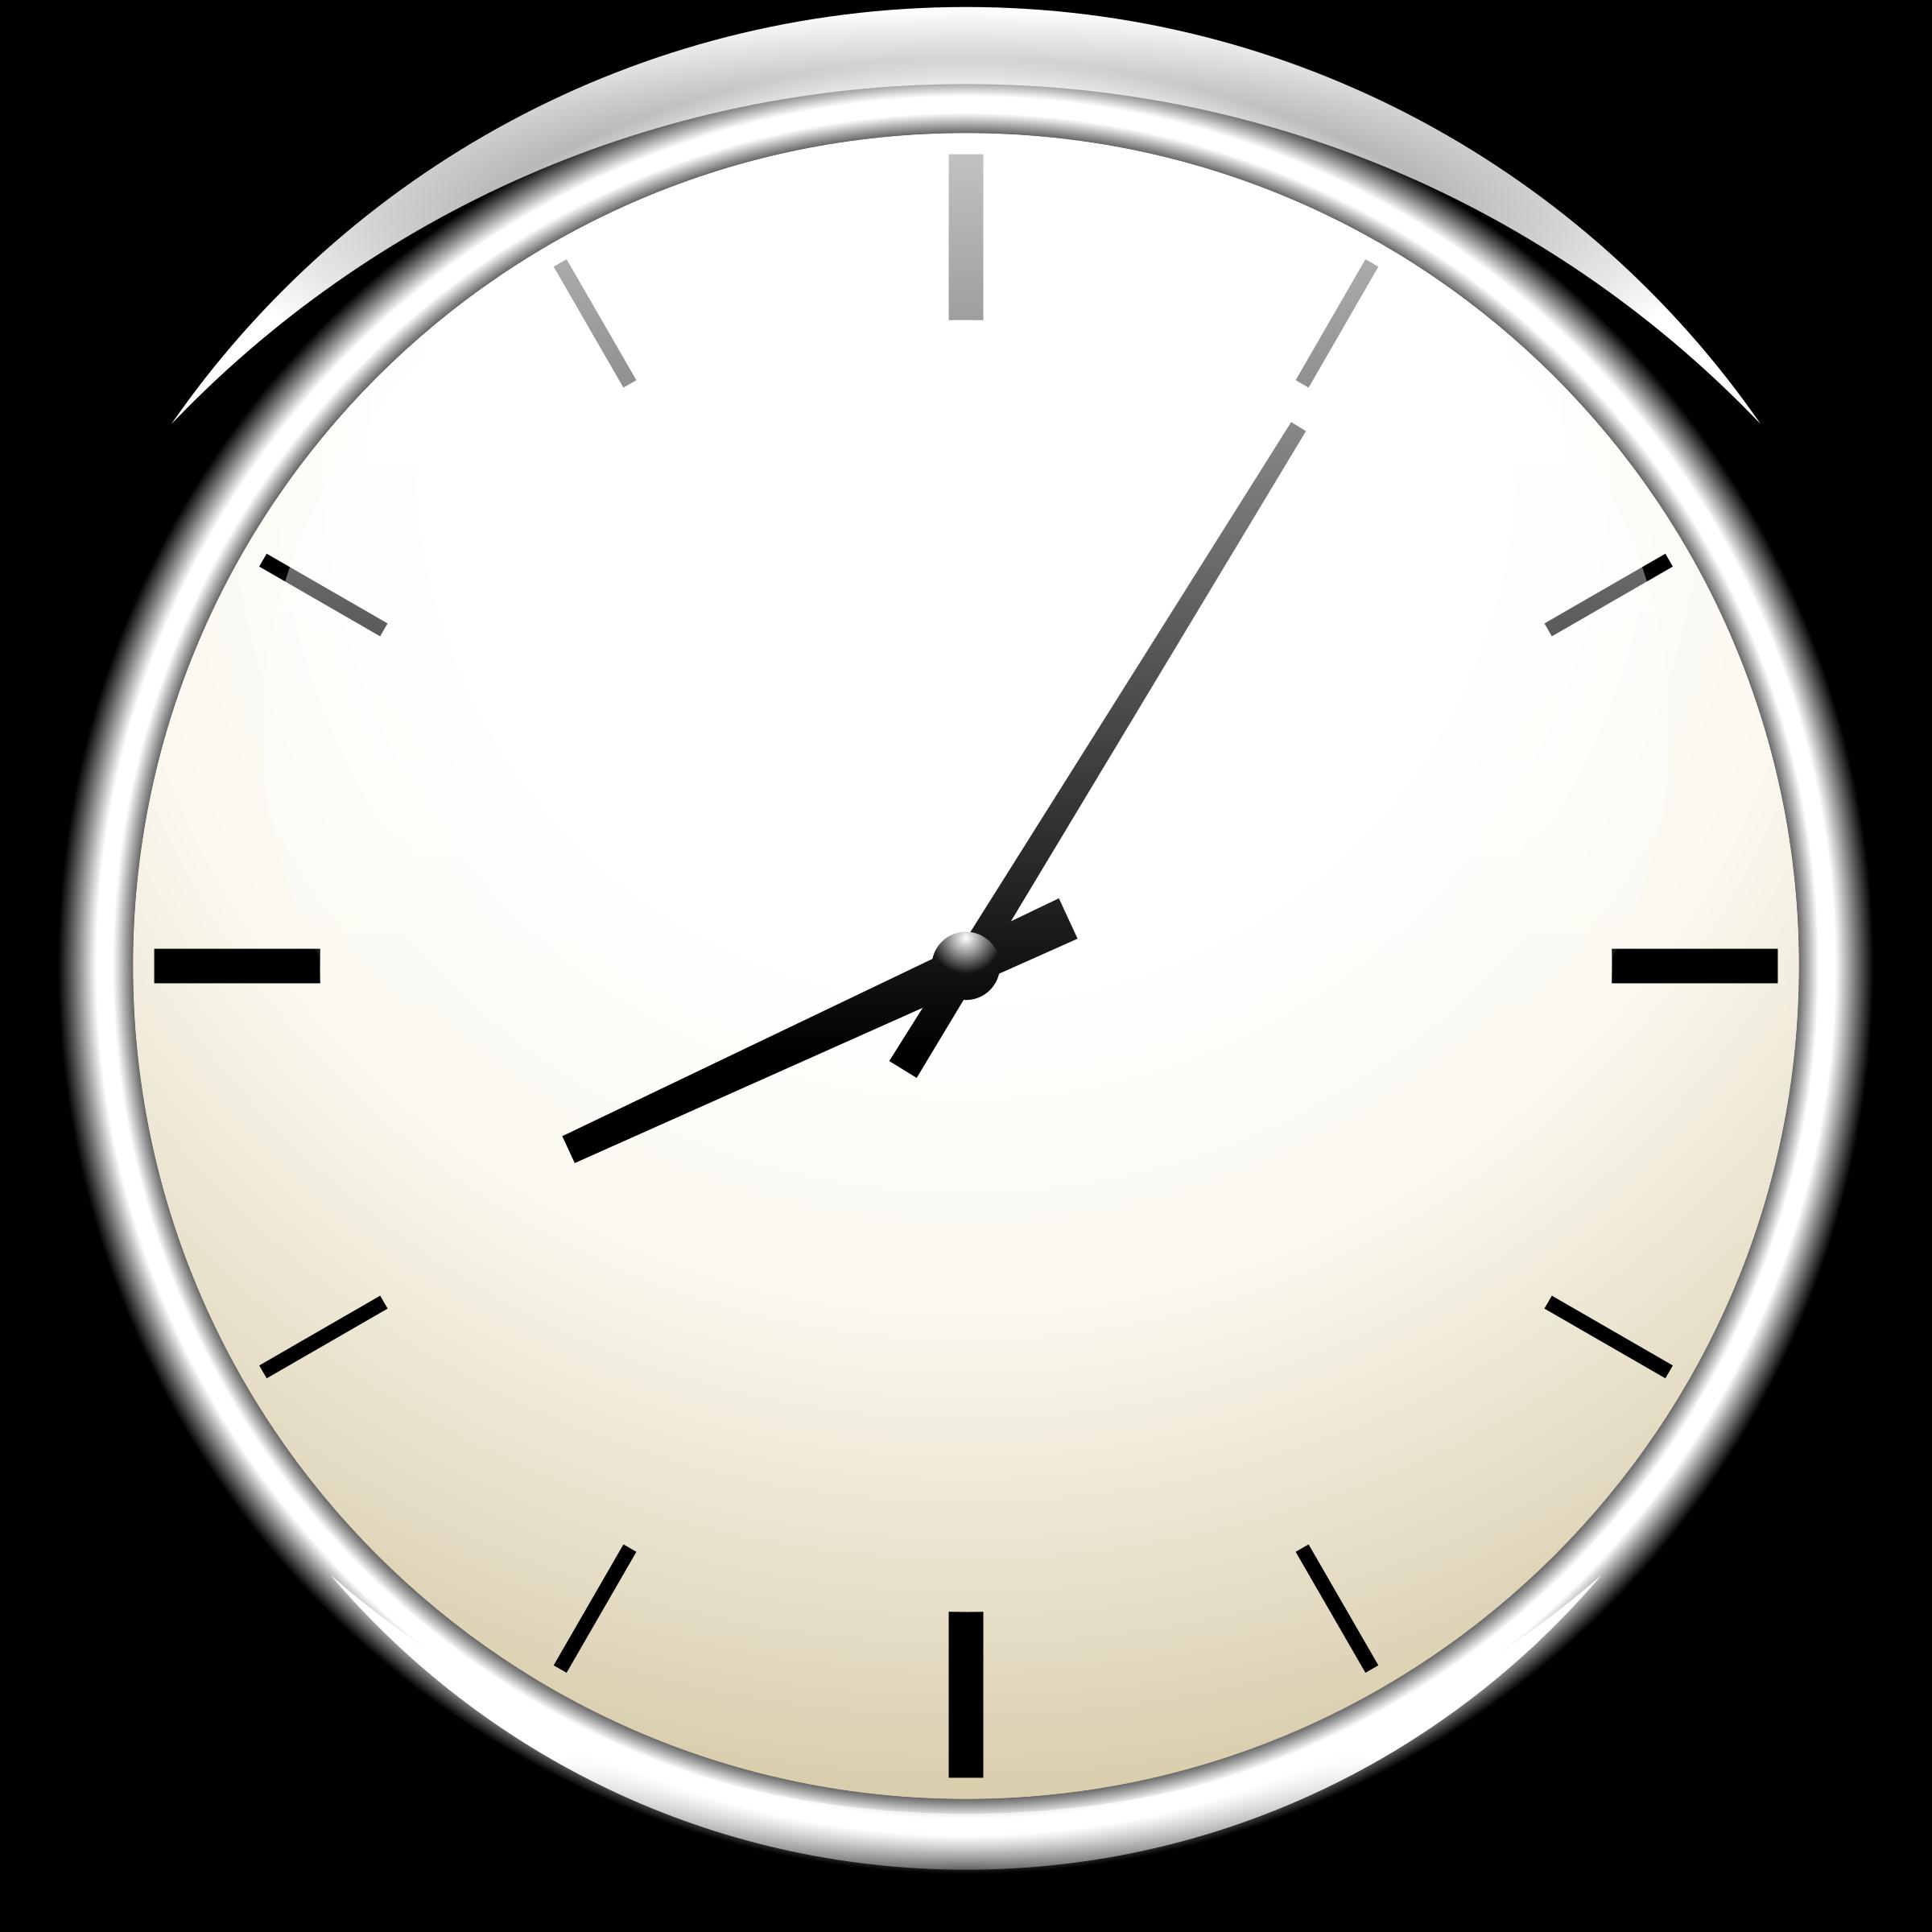 Clock big image png. Clocks clipart calendar